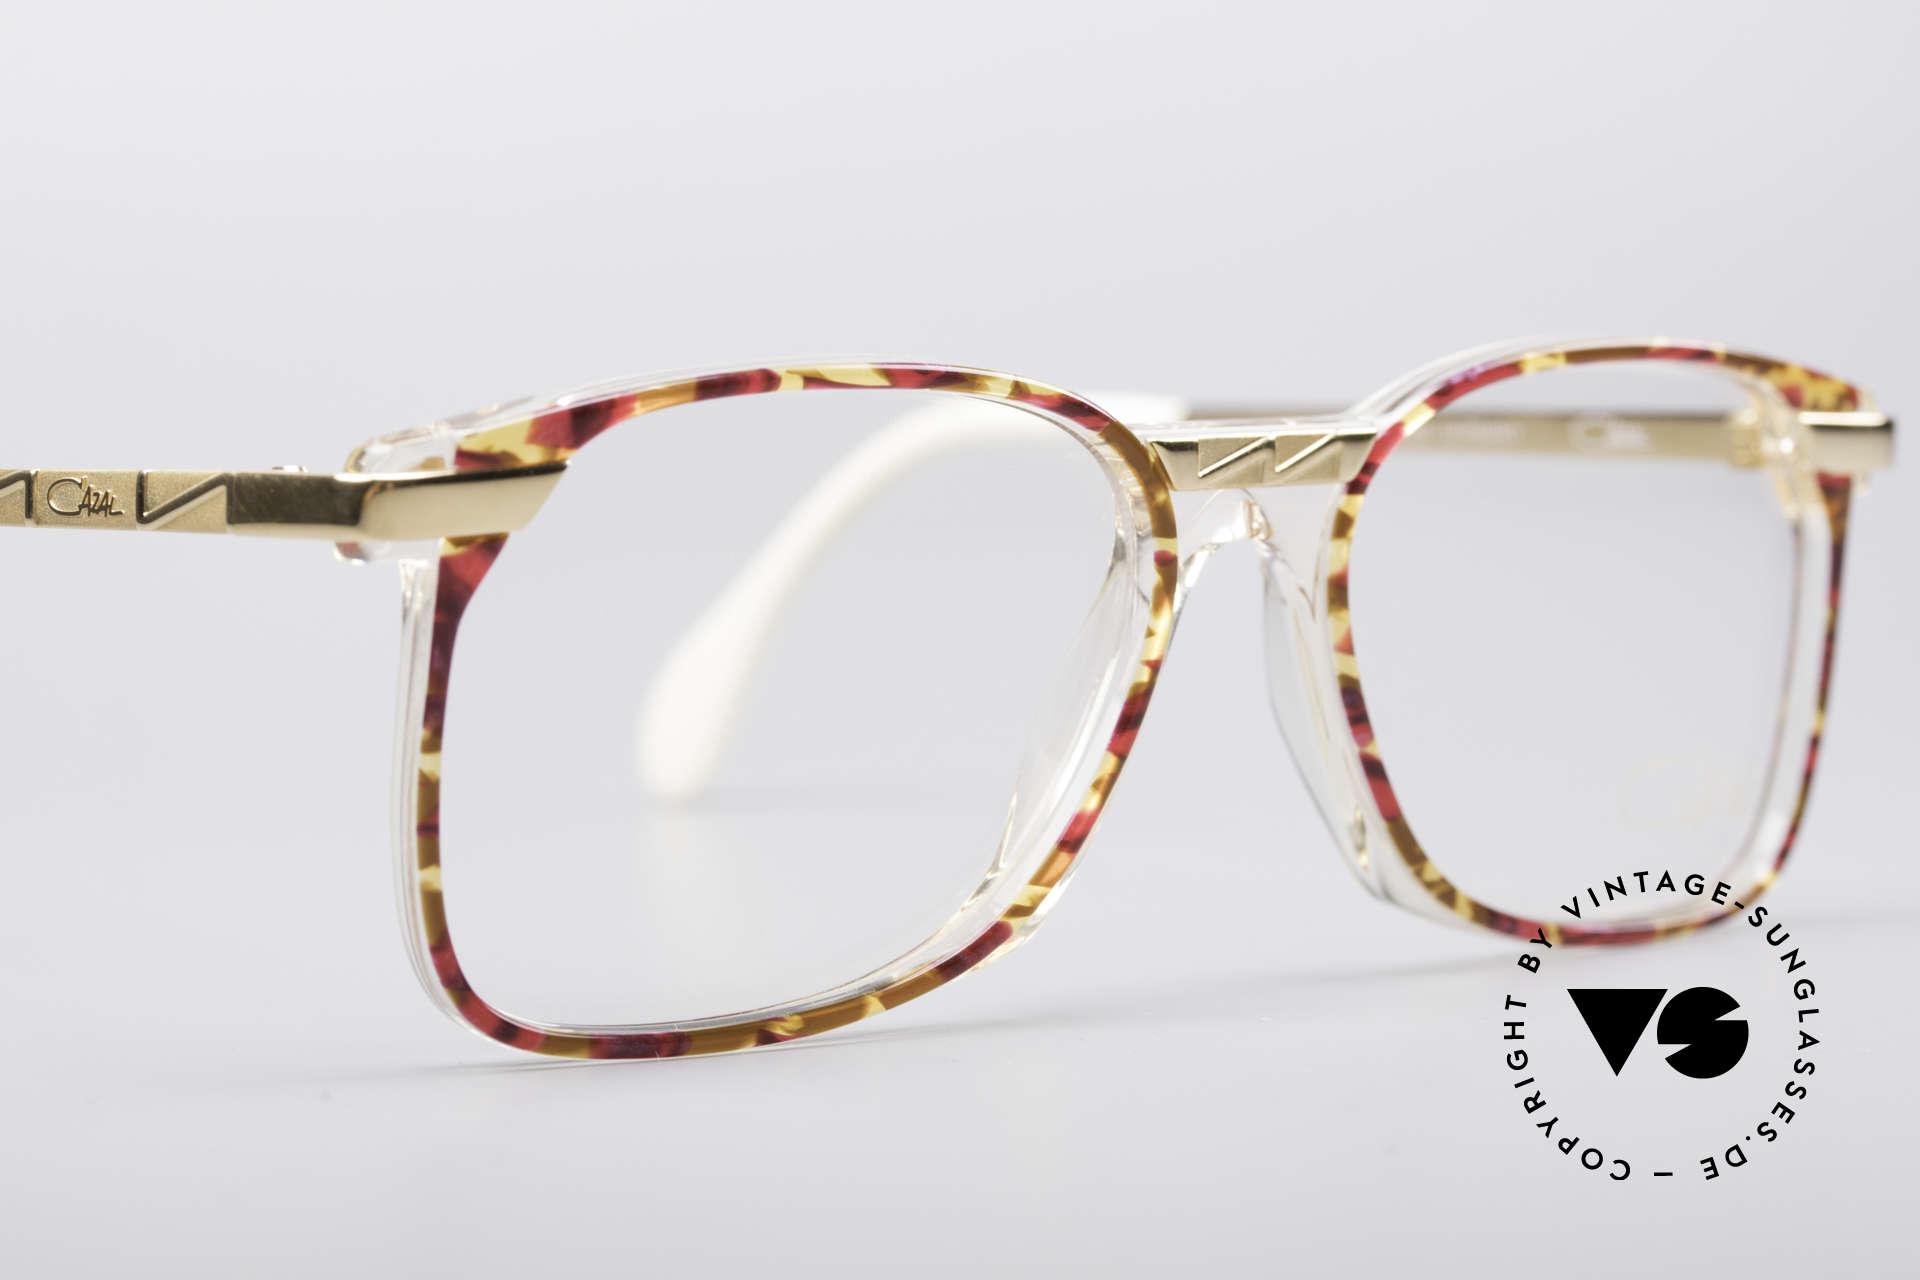 Cazal 341 Vintage No Retro Brille 90er, Cazal DEMOgläser können beliebig ersetzt werden, Passend für Damen